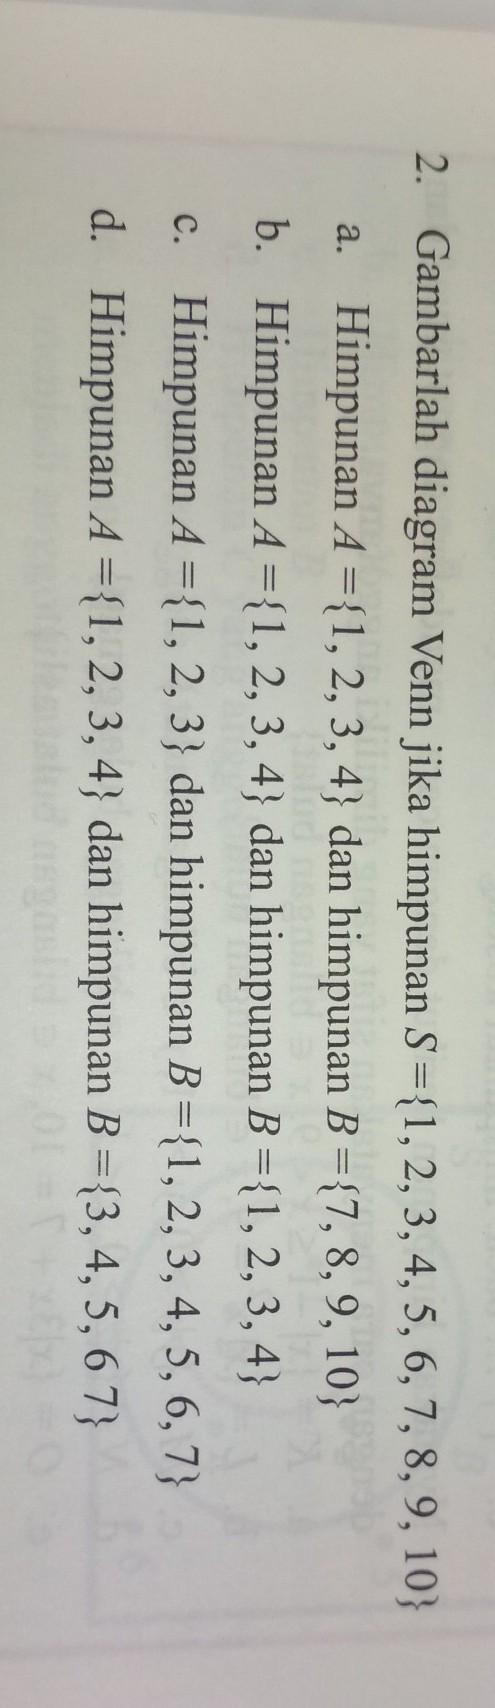 Jika Himpunan : himpunan, Gambarlah, Diagram, Himpunan, S={1,2,3,4,5,6,7,8,9,10}a.Himpunan, A={1,2,3,4}, Brainly.co.id